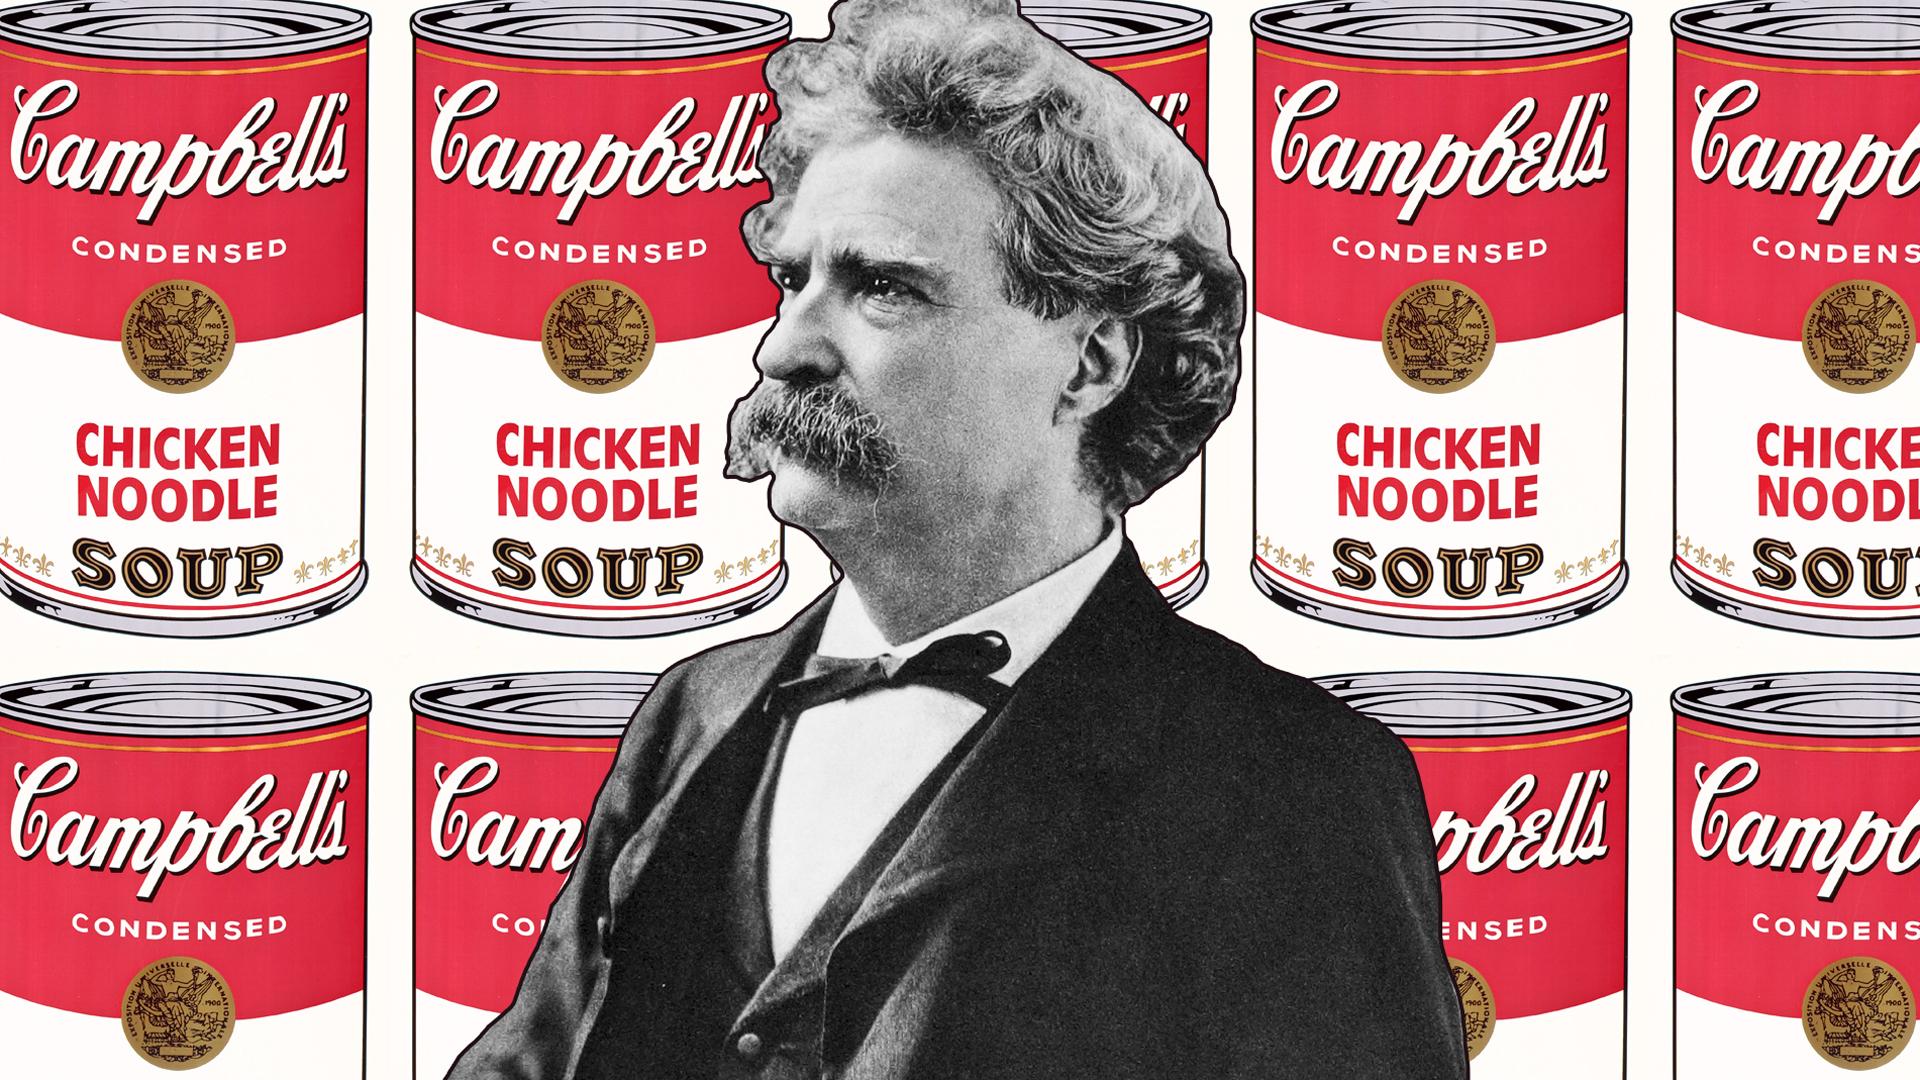 Tudtad, hogy Mark Twain a kora Kim Kardashianje volt, mert olyan sok terméket reklámozott?